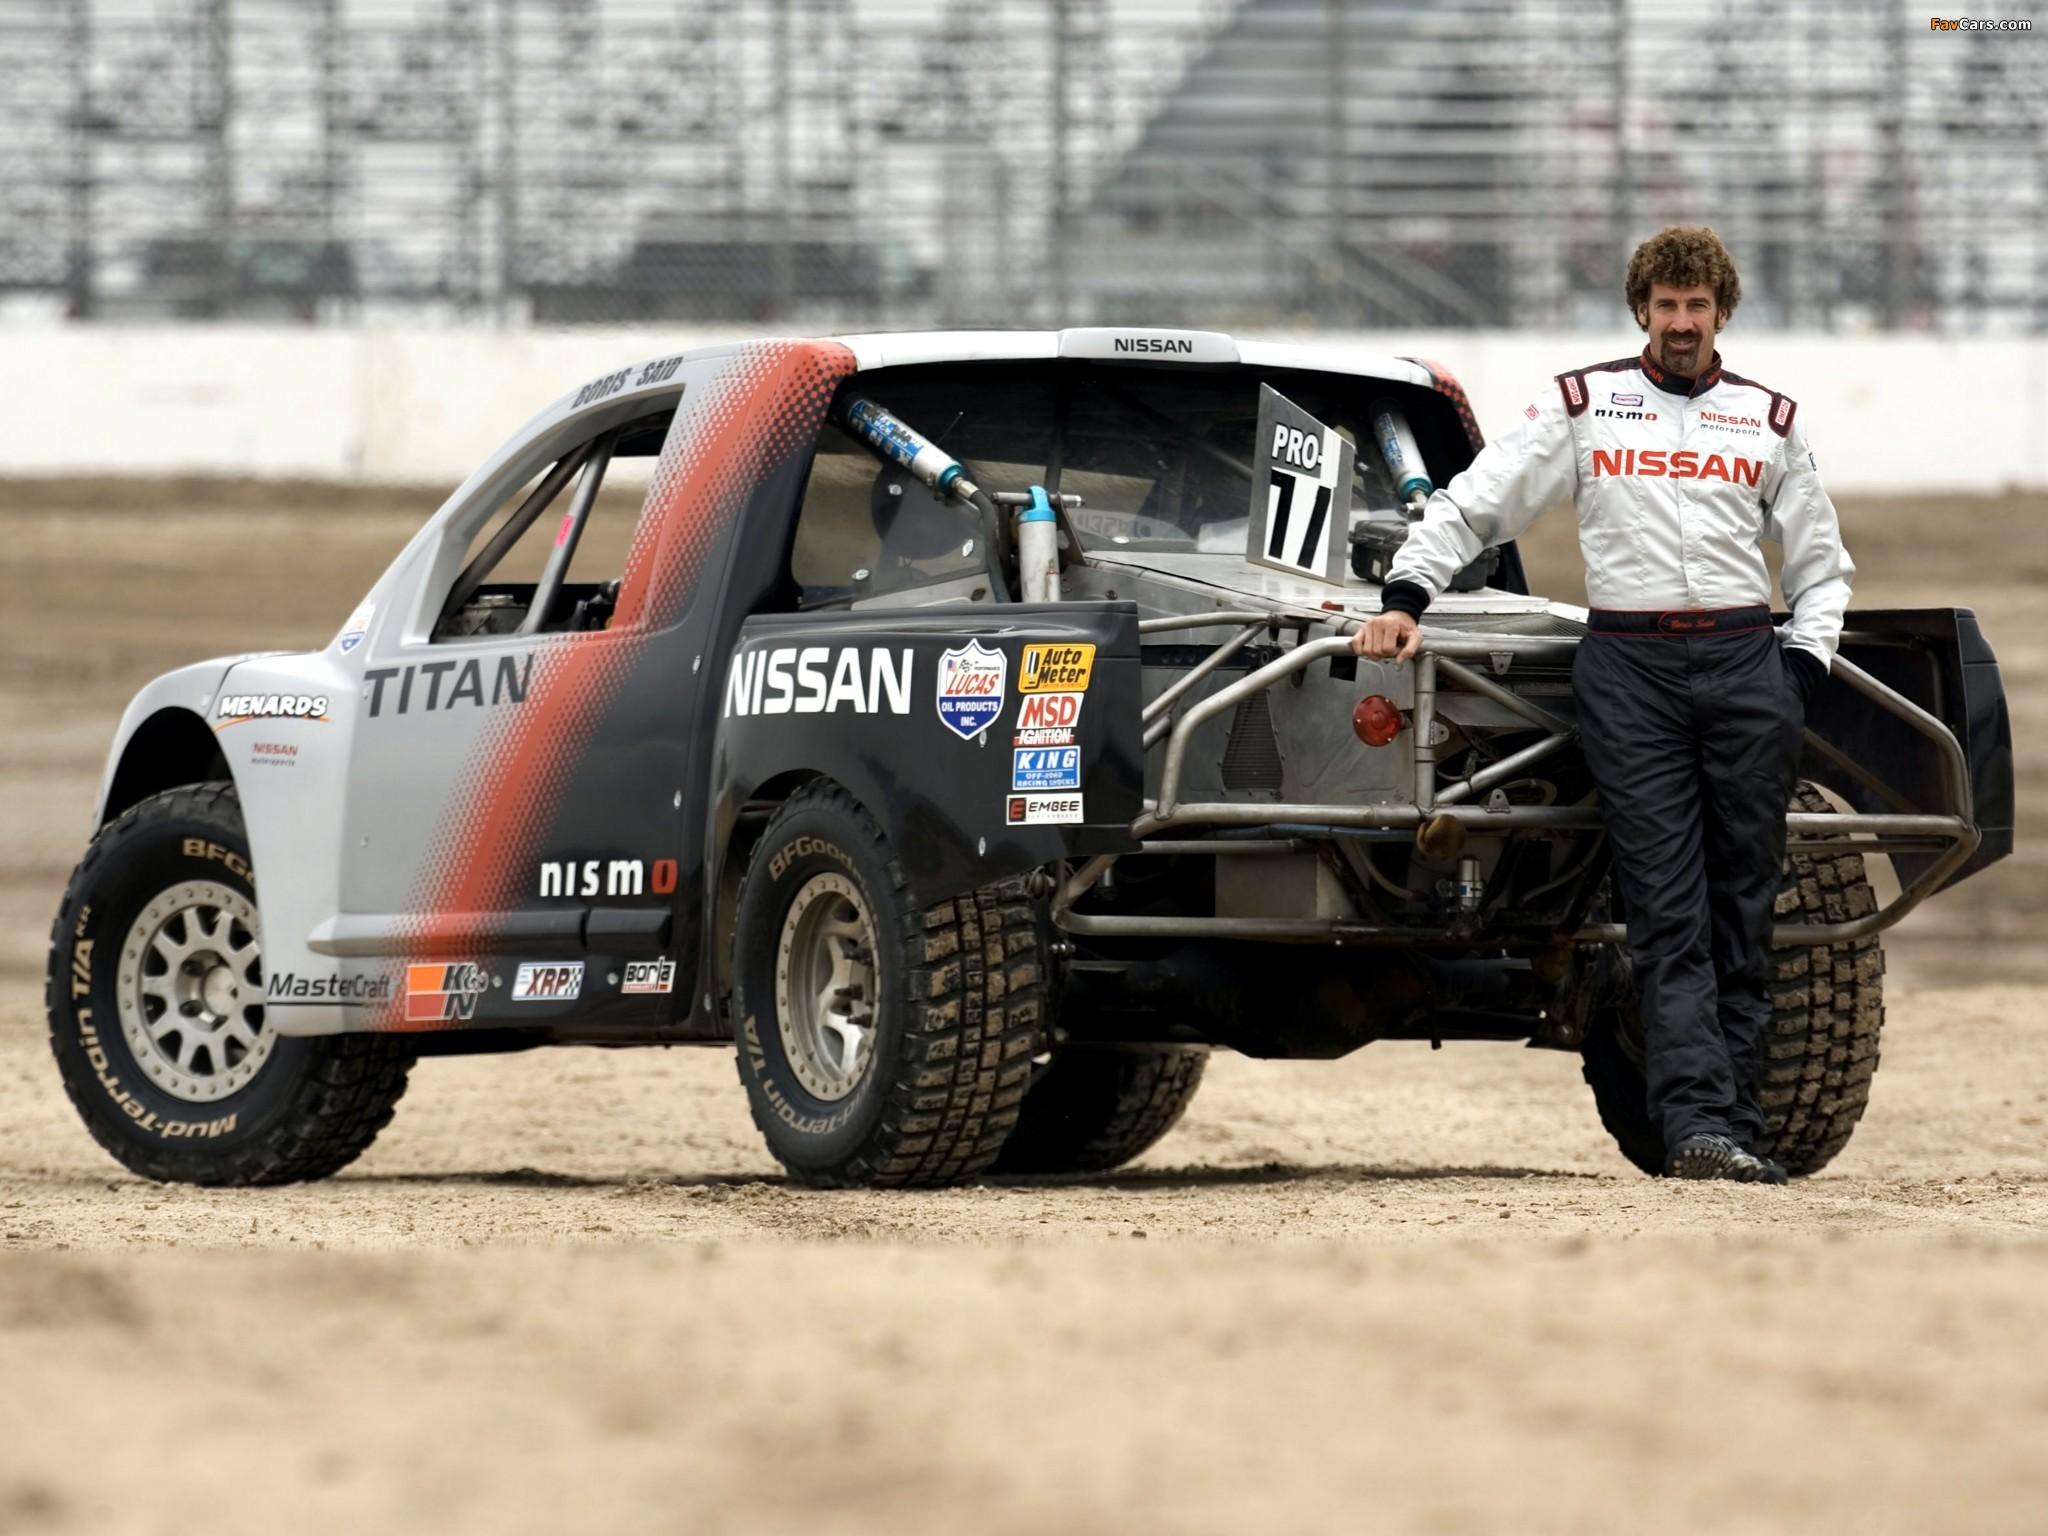 Nissan Titan PRO 4x4 Race Truck 2007 photos (2048 x 1536)